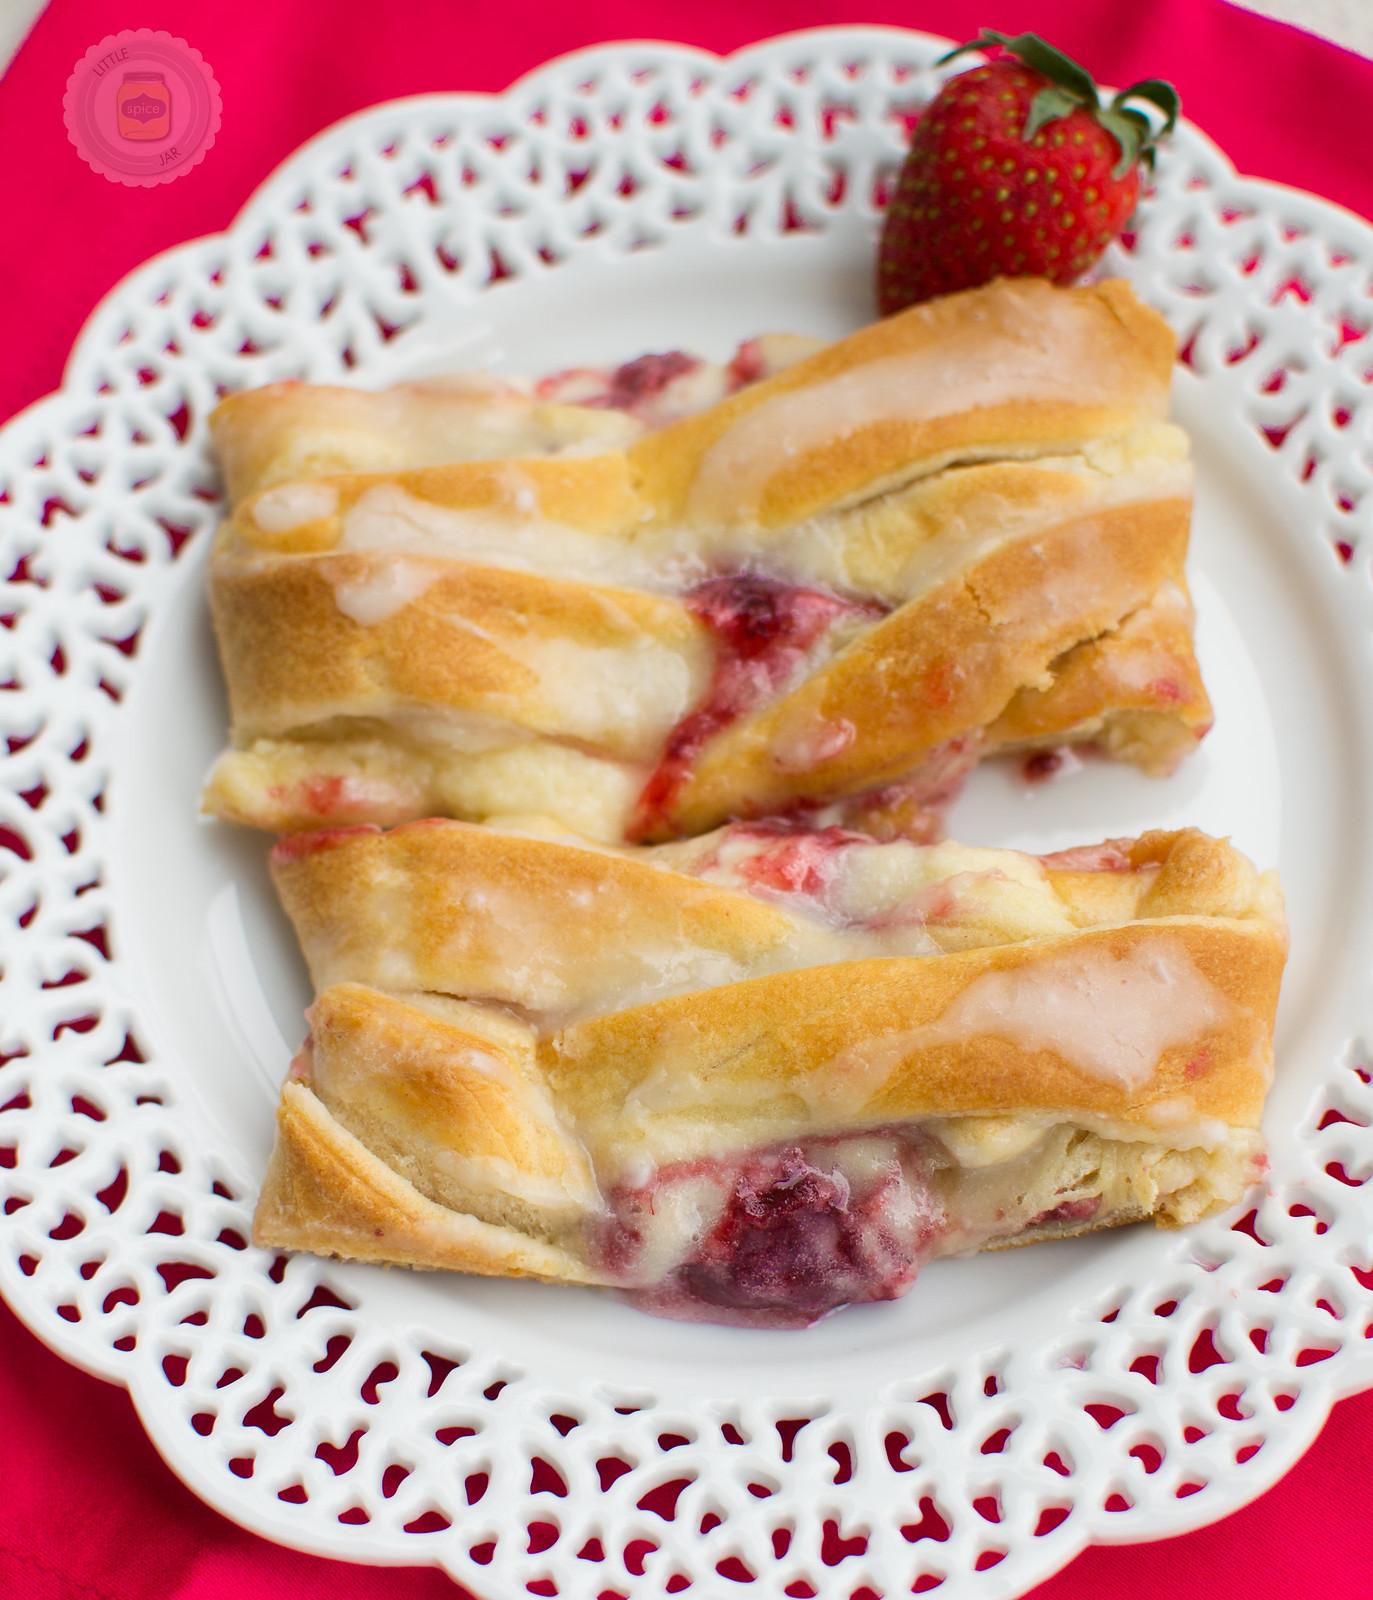 Easy Raspberry Cream Cheese Danish Braid on plate